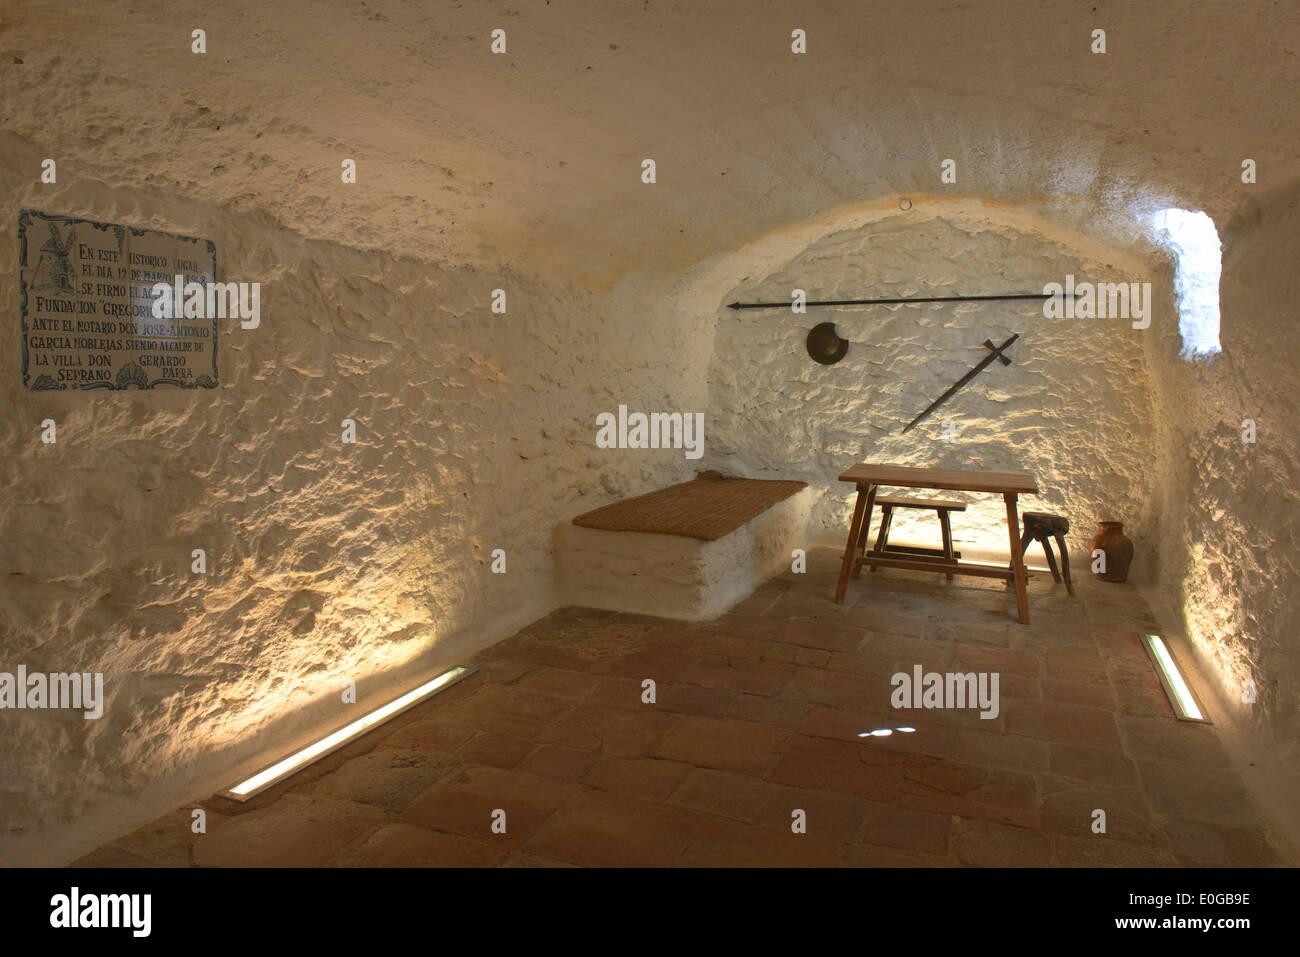 Cueva de Medrano, That is supposed to be Miguel de Cervantes' prison, Argamasilla de Alba,Ciudad Real province, Castilla-La Manc - Stock Image